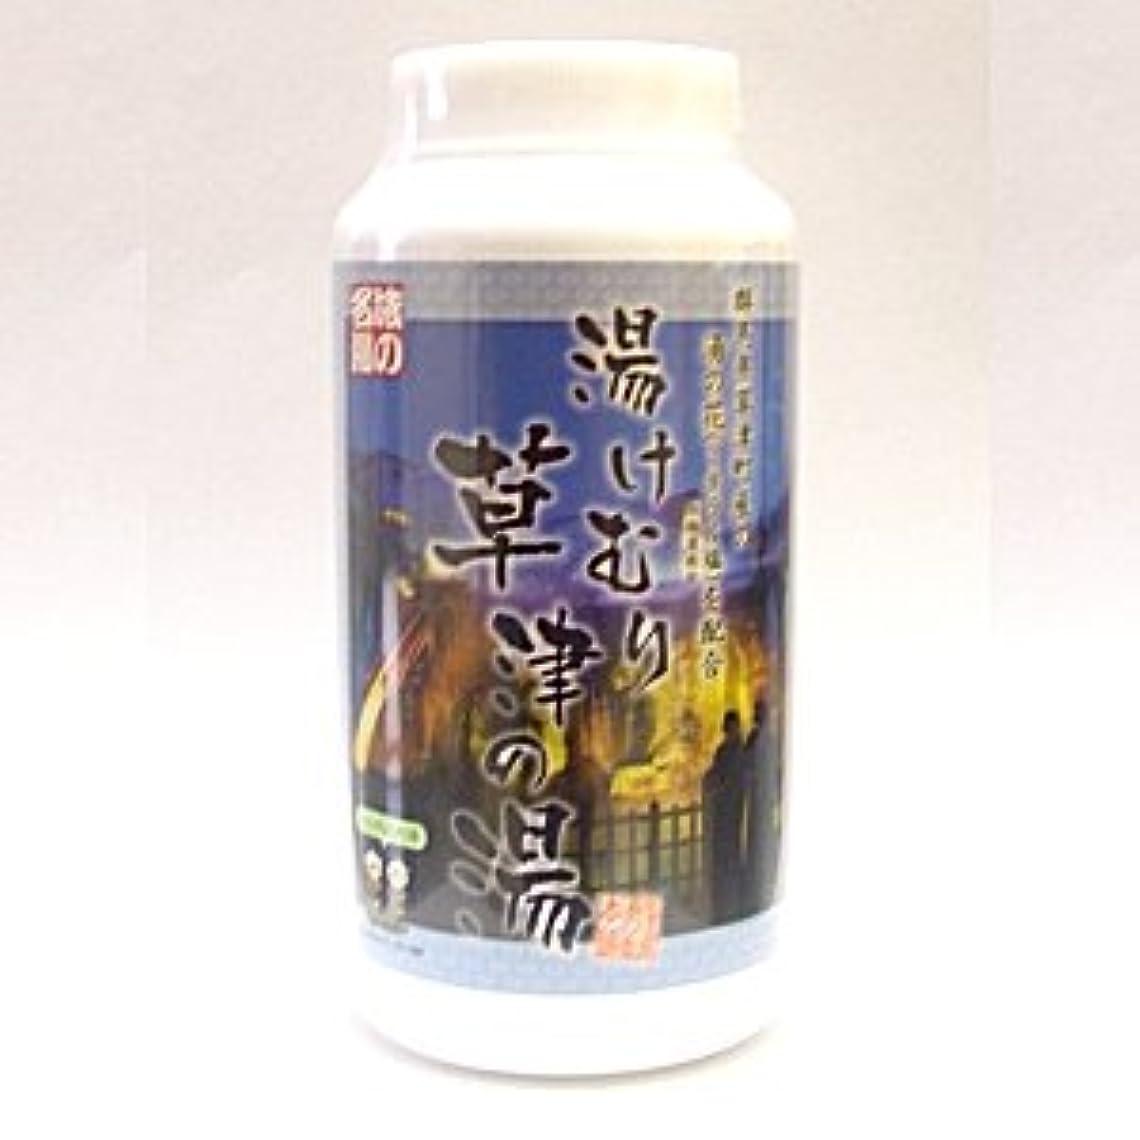 縫い目重要な値湯けむり草津の湯 群馬県草津町産の「湯の花」配合 500g